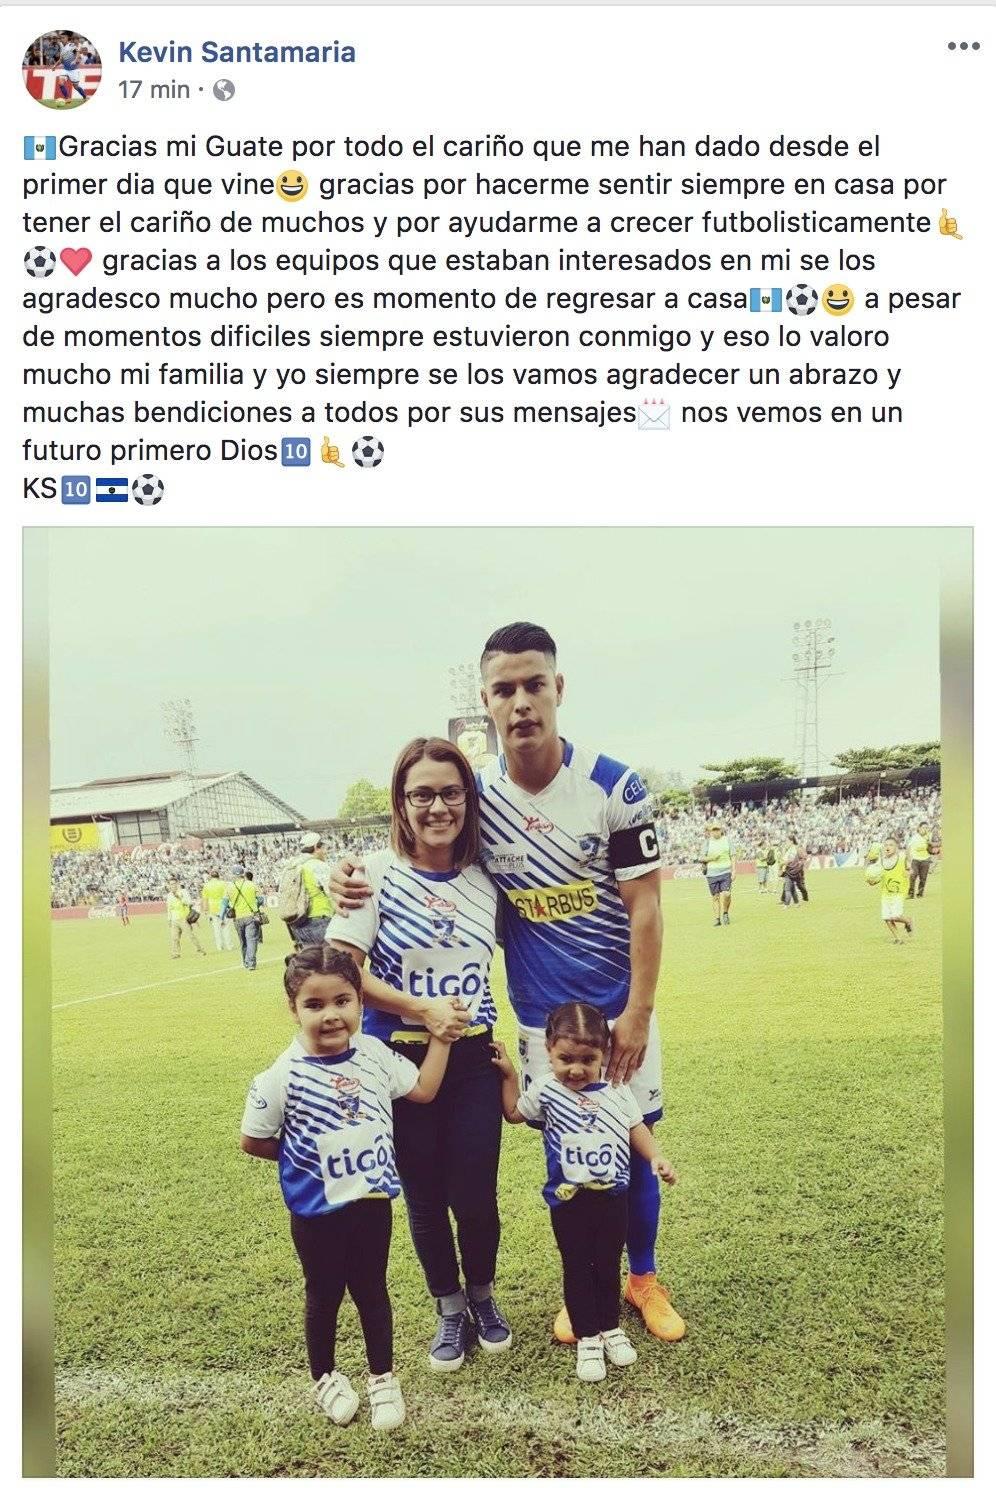 El mensaje que dejó Santamaría en su cuenta de facebook